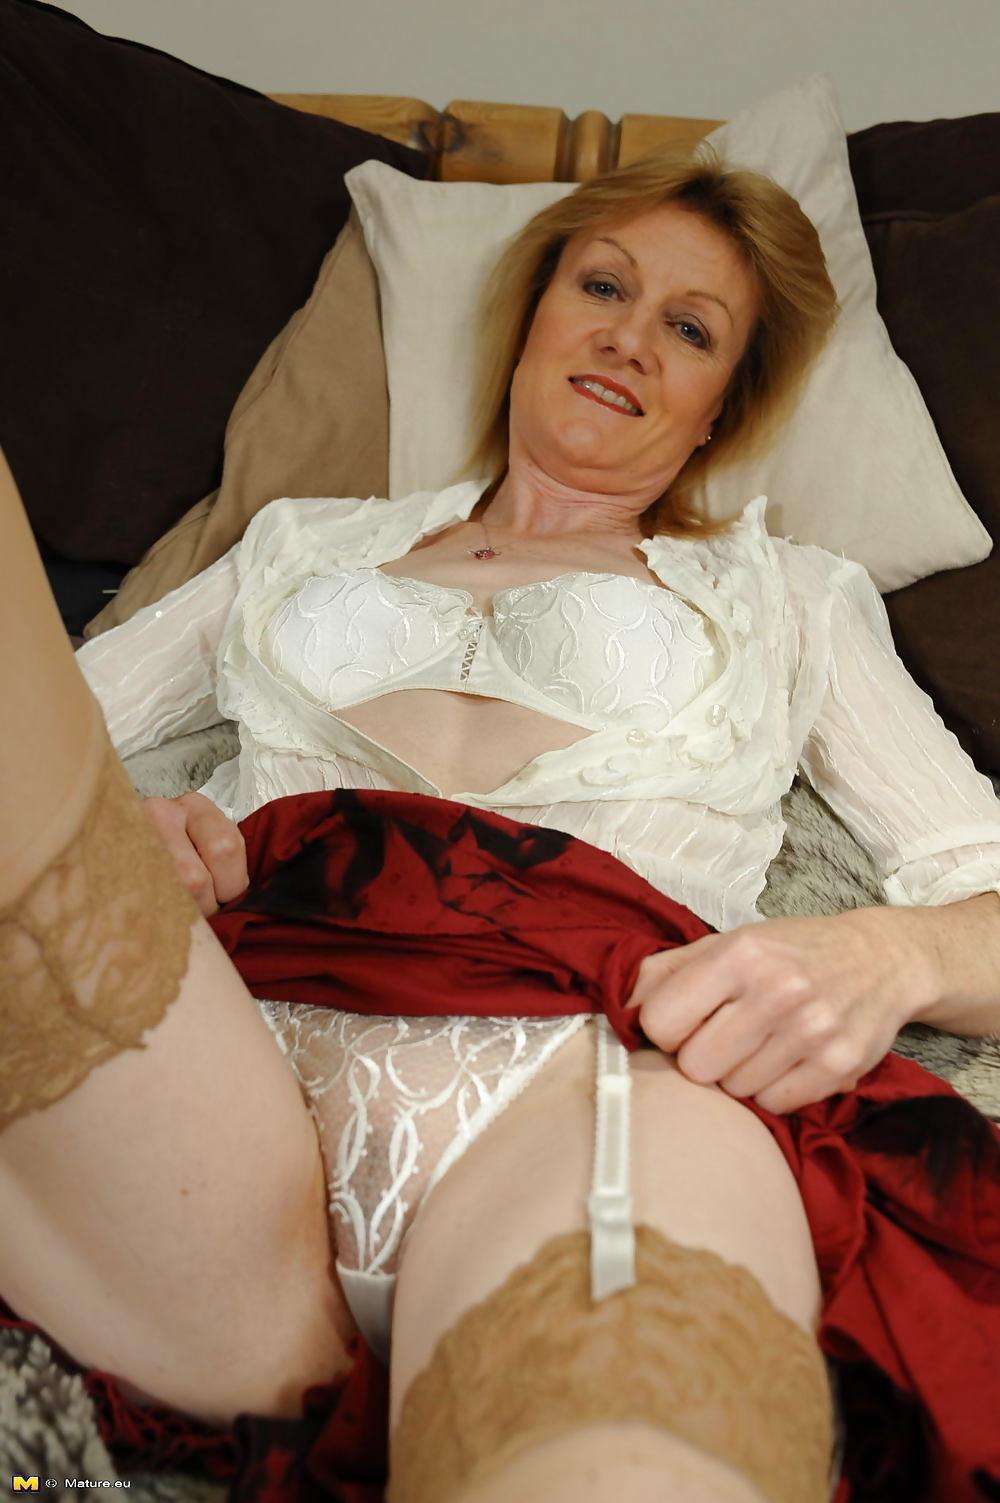 Эротично показывает трусы зрелая баба фото 744-816